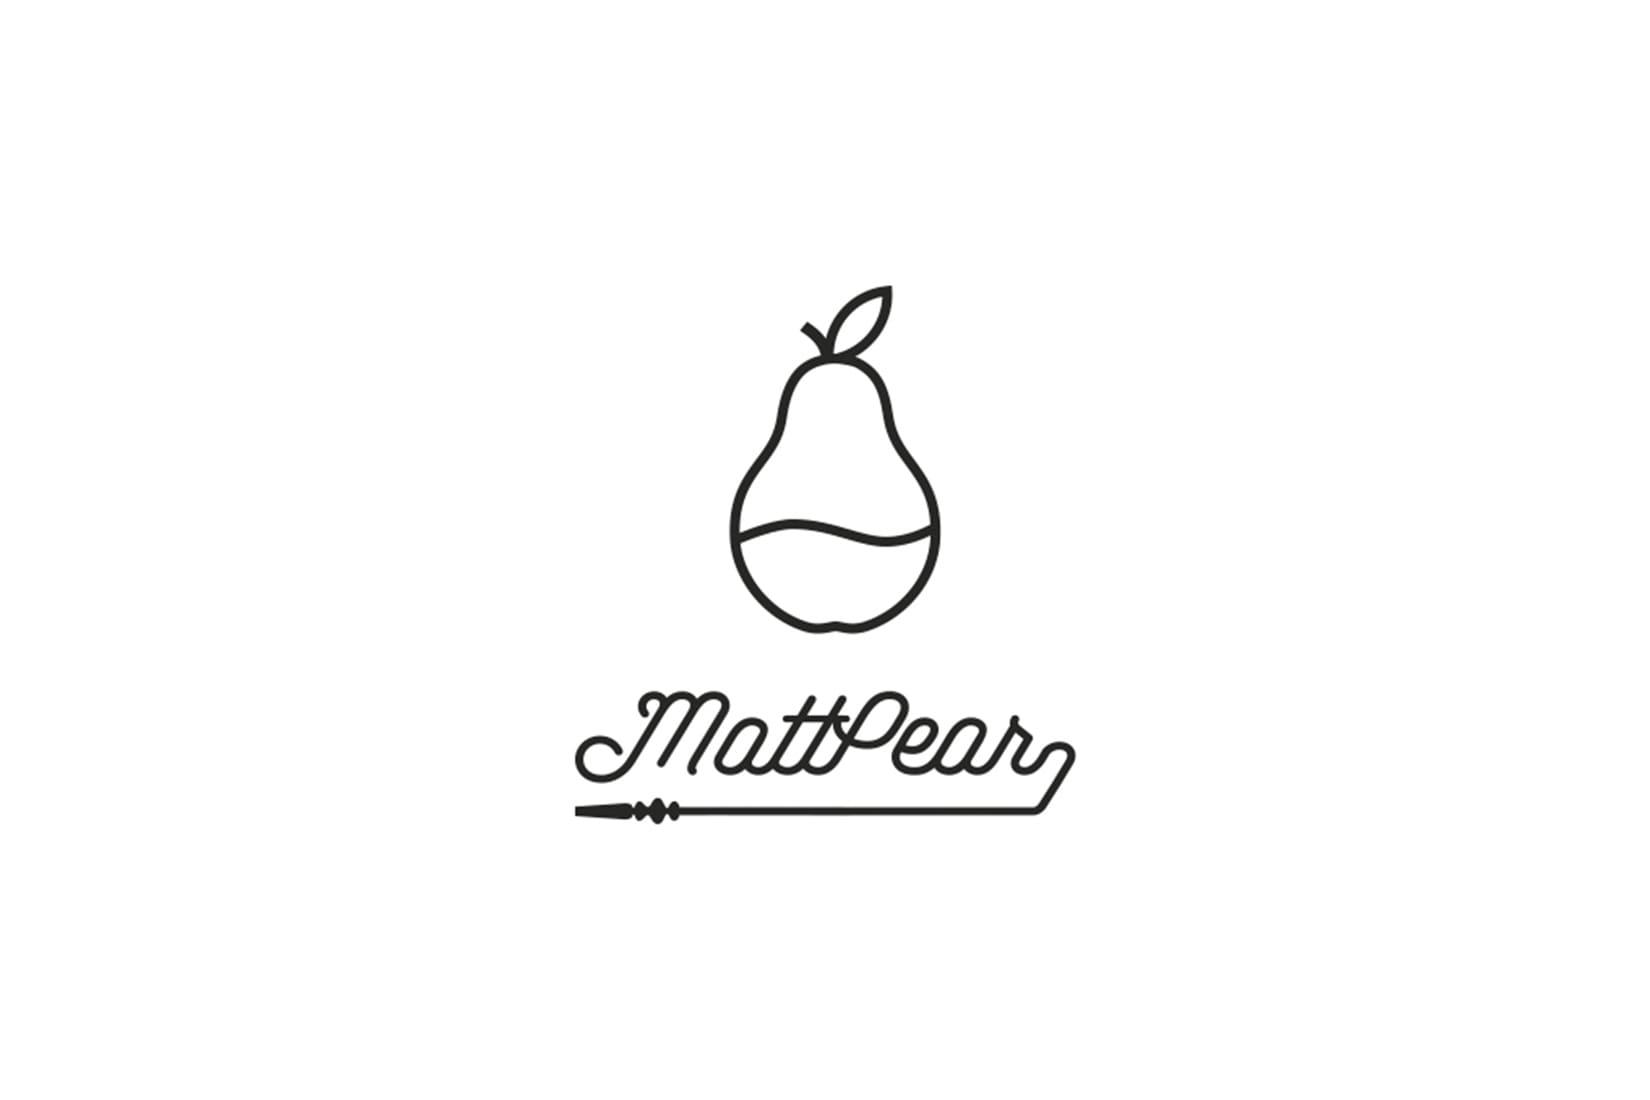 Табак для кальяна MattPear: описание, вкусы, миксы, отзывы